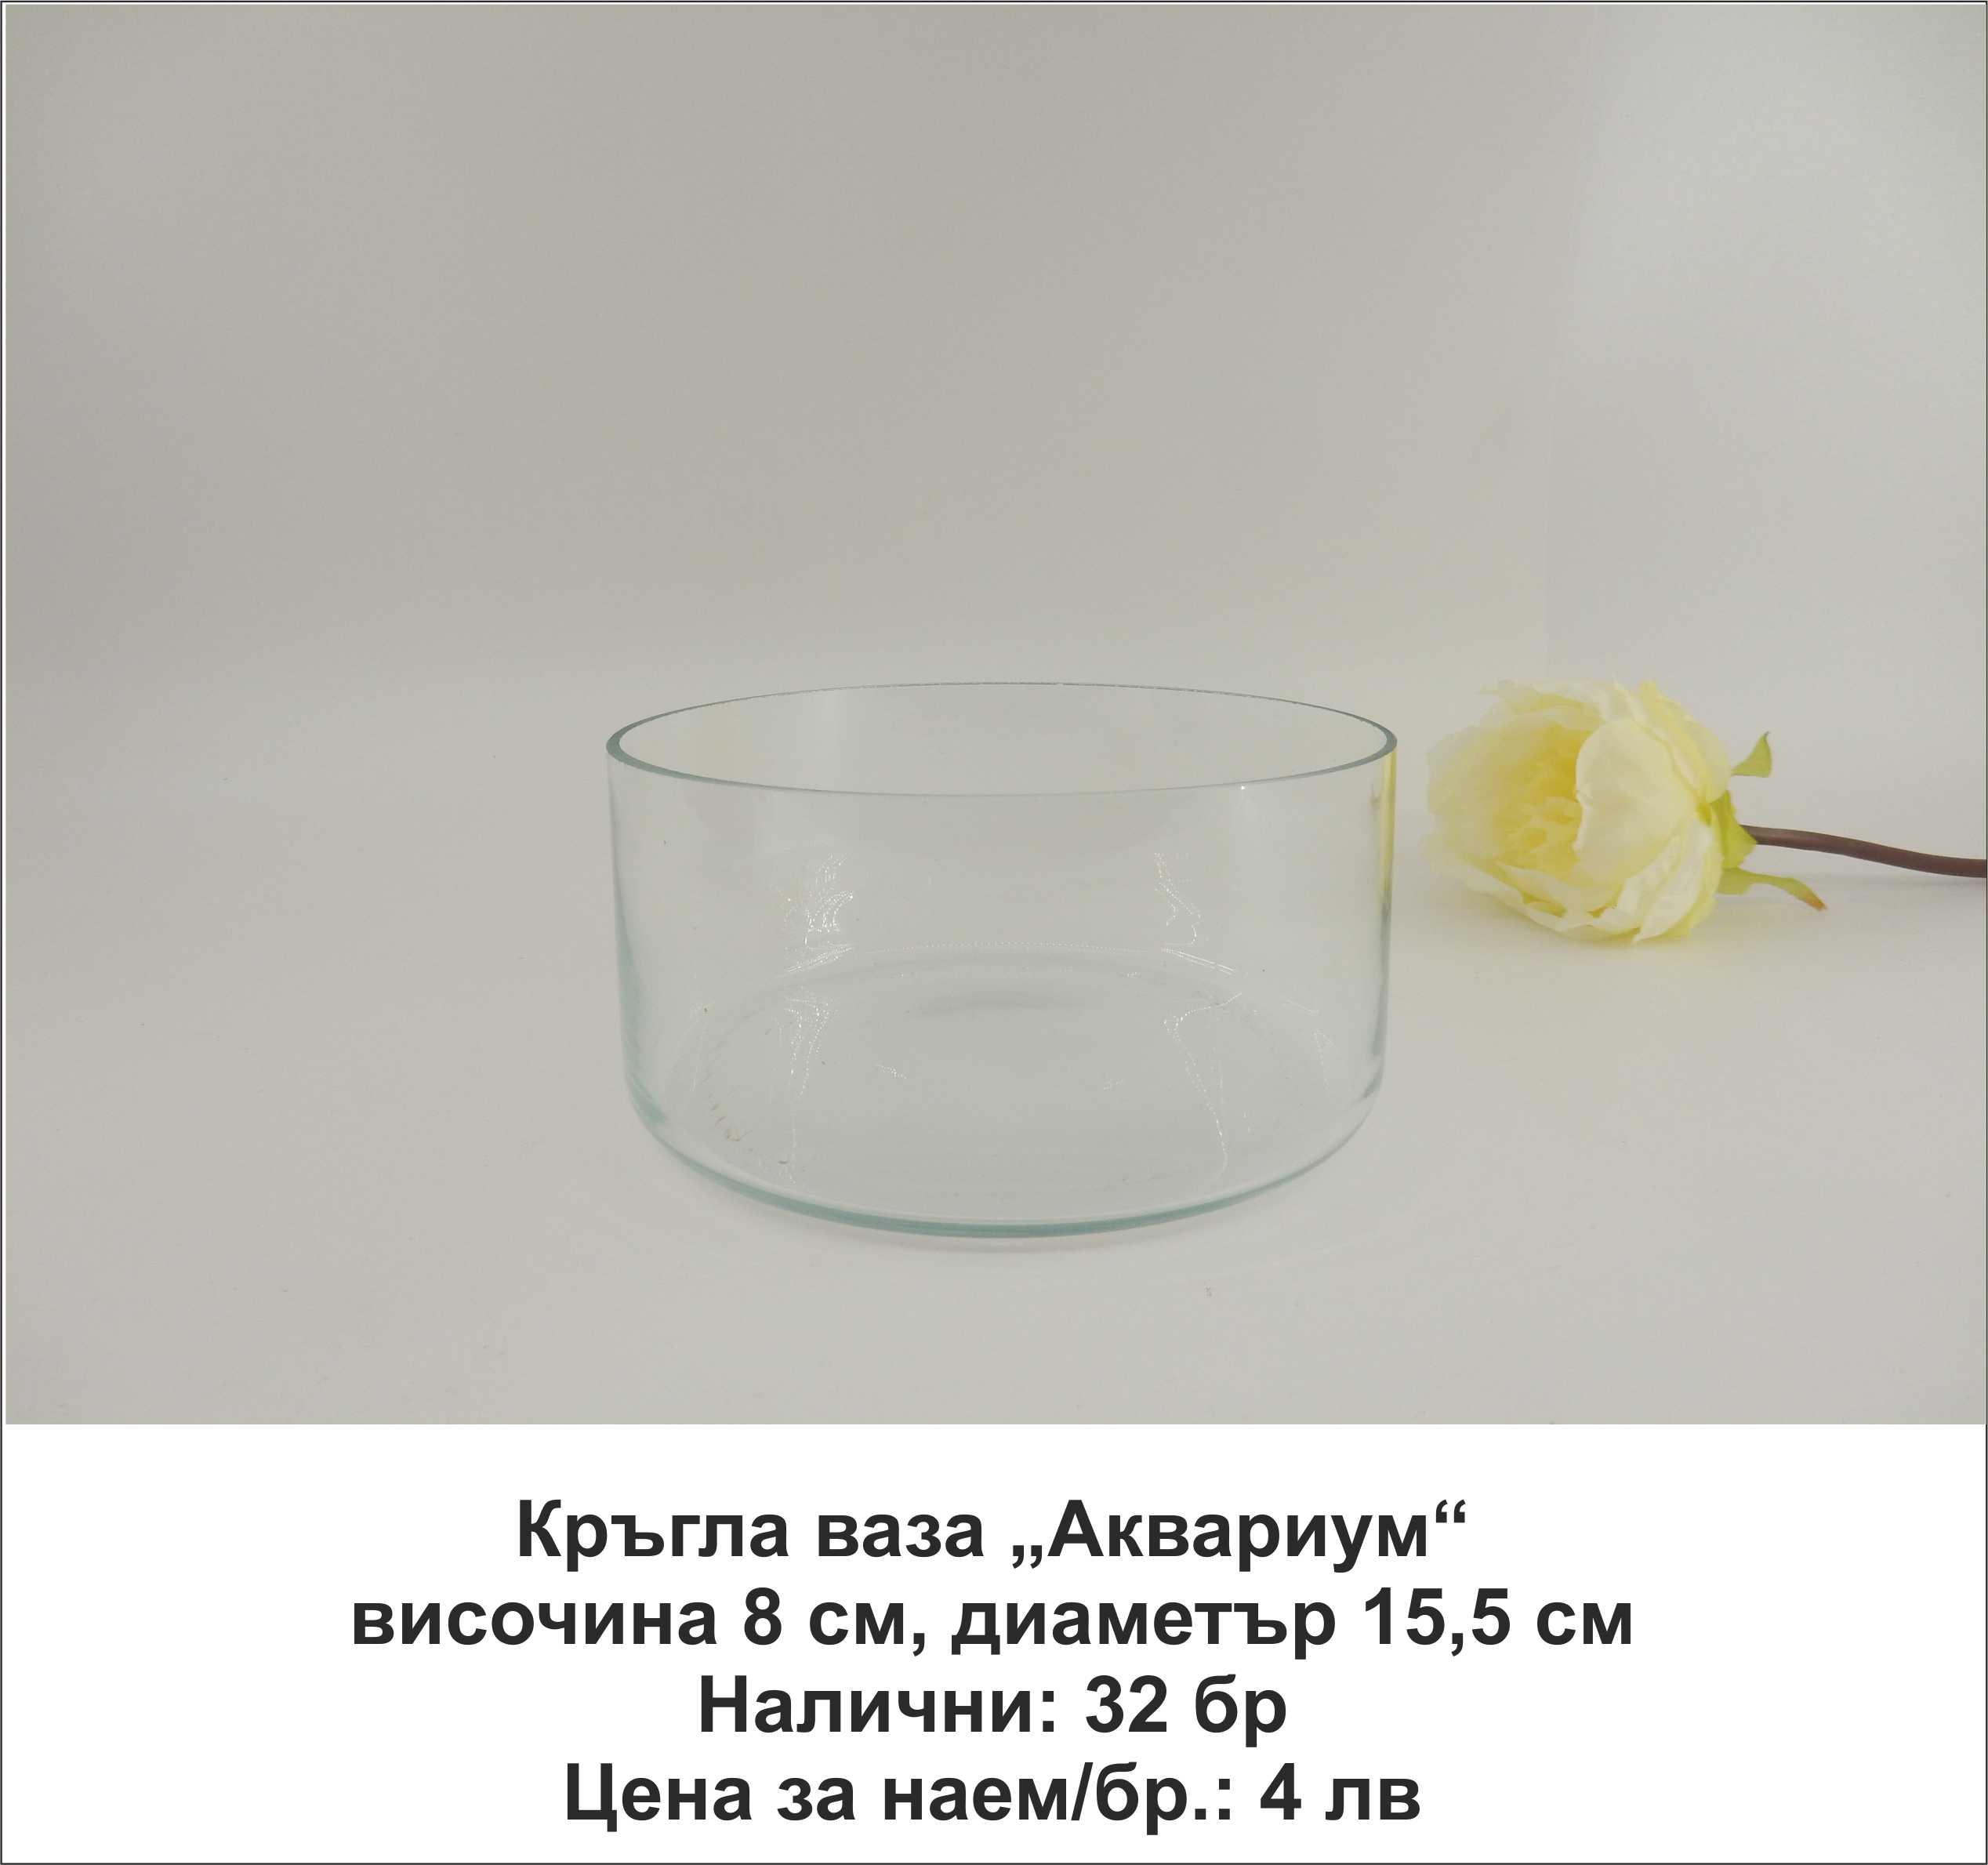 Кръгла ваза Аквариум. Височина: 8 см. Цена за наем за брой: 4 лв